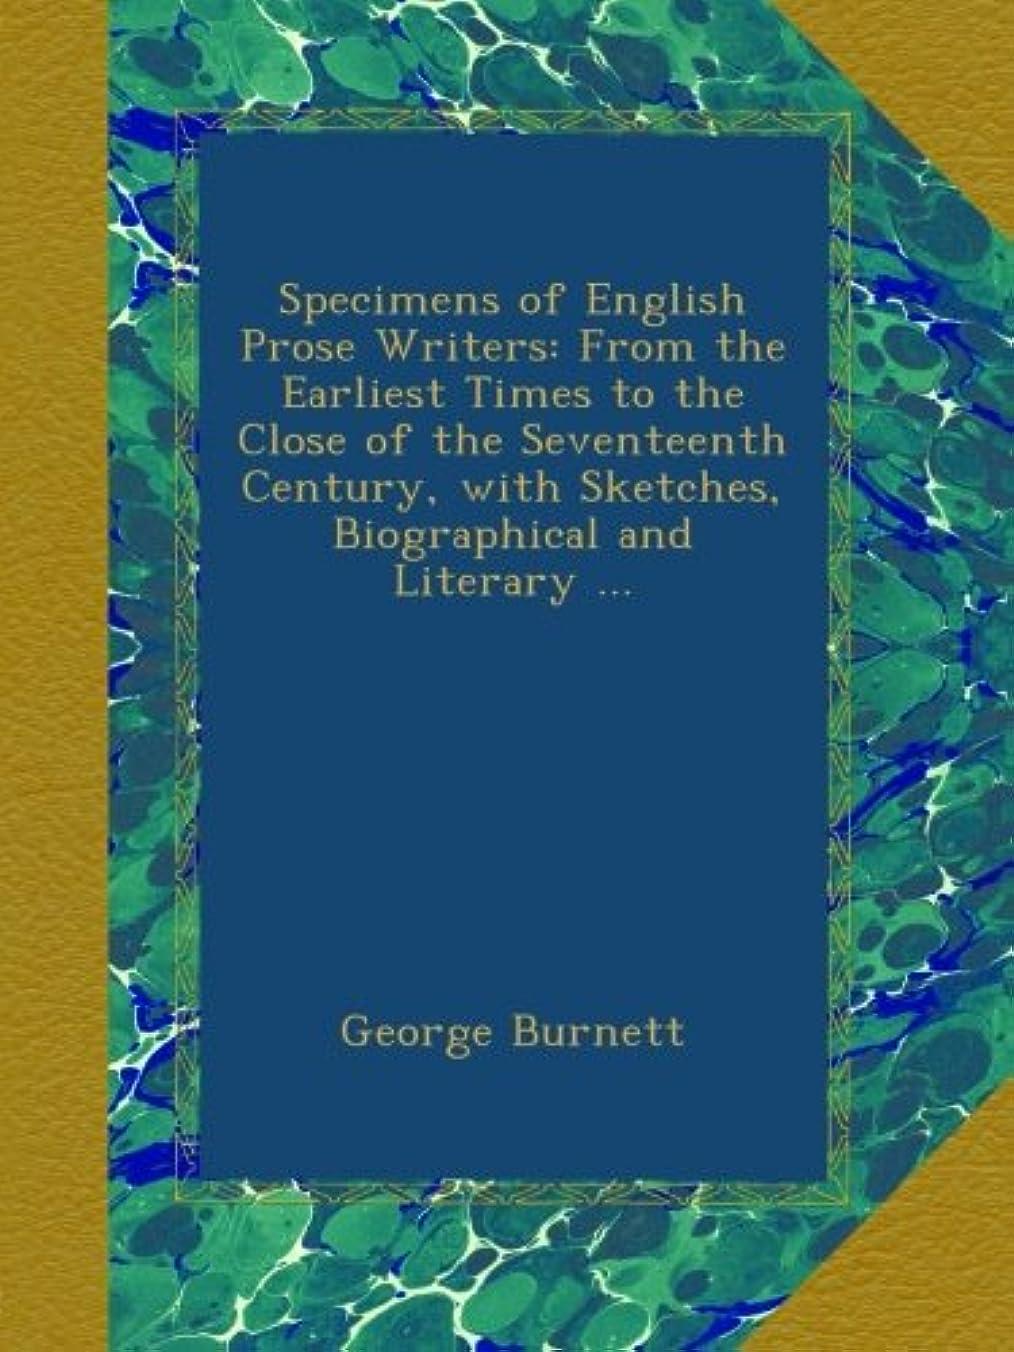 失業スクランブルスリムSpecimens of English Prose Writers: From the Earliest Times to the Close of the Seventeenth Century, with Sketches, Biographical and Literary ...